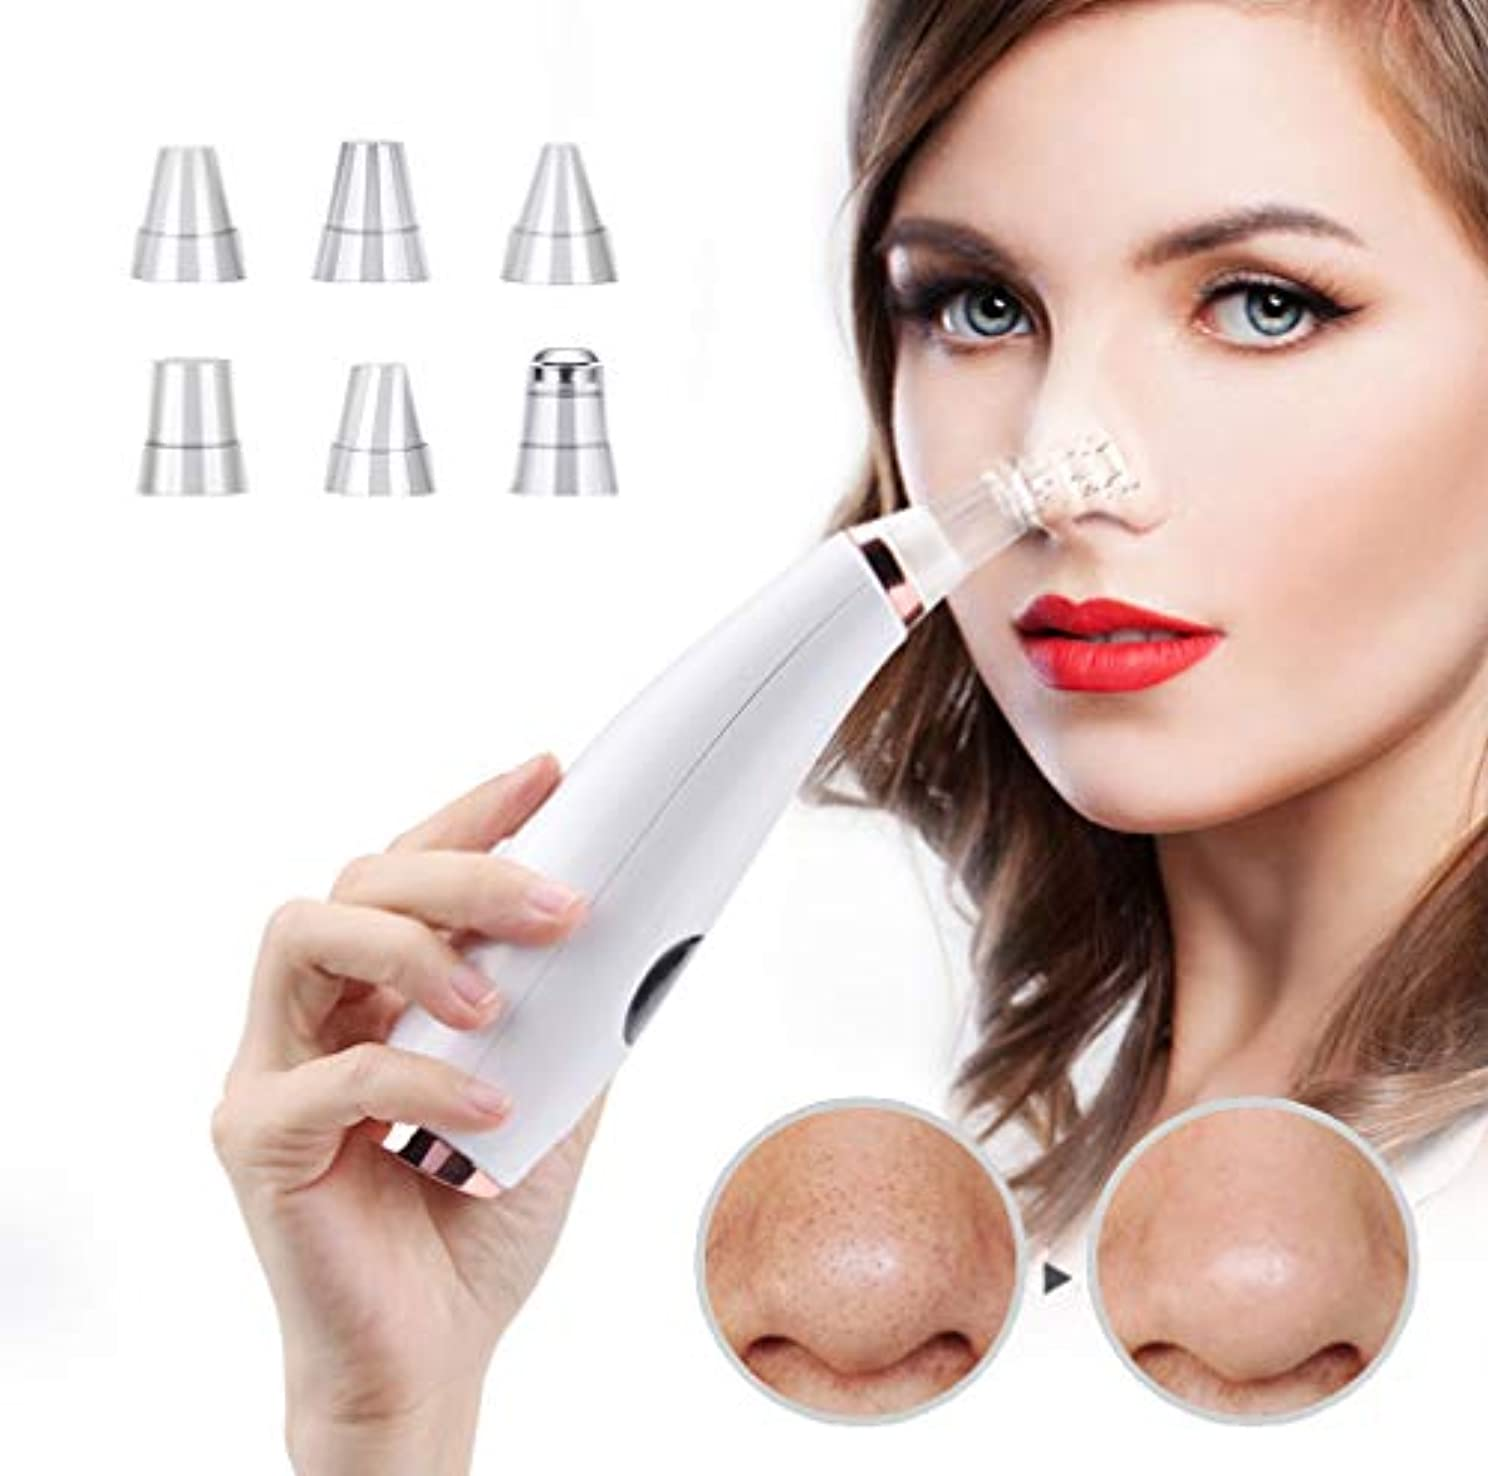 満たす永続イノセンス6に1ブラックヘッドリムーバー真空ツール美容顔とスキンケアにきび治療ツール用男性女性顔クリーナー吸引電気デバイス